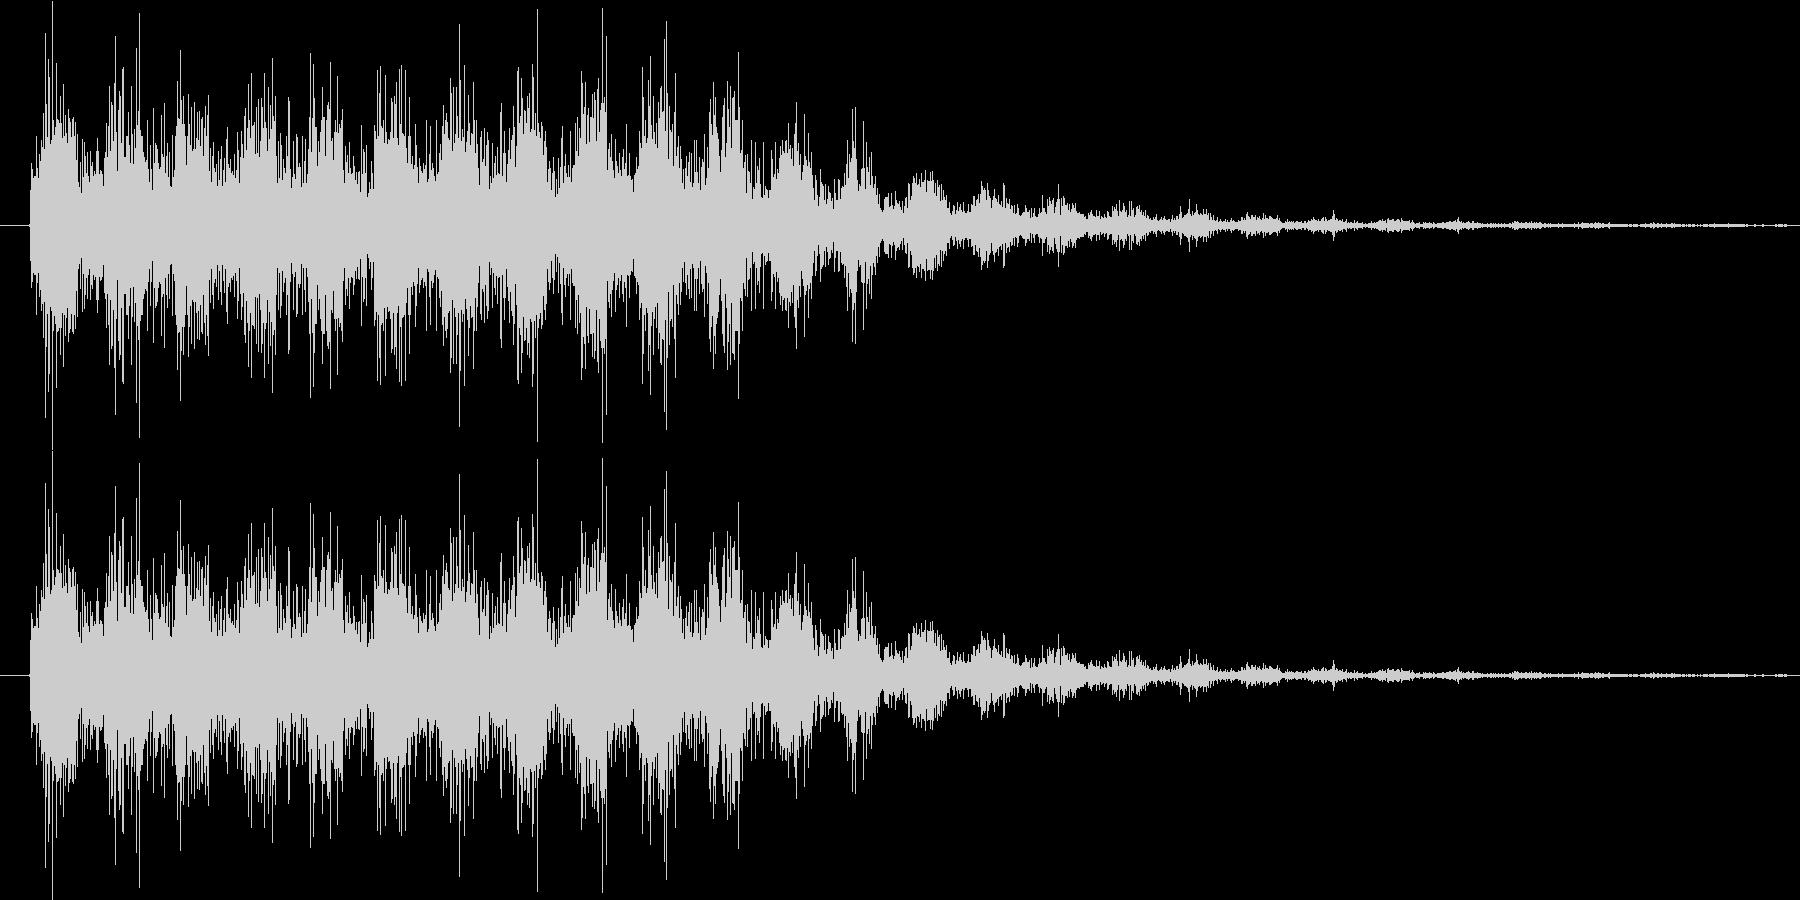 サウンドロゴ8の未再生の波形